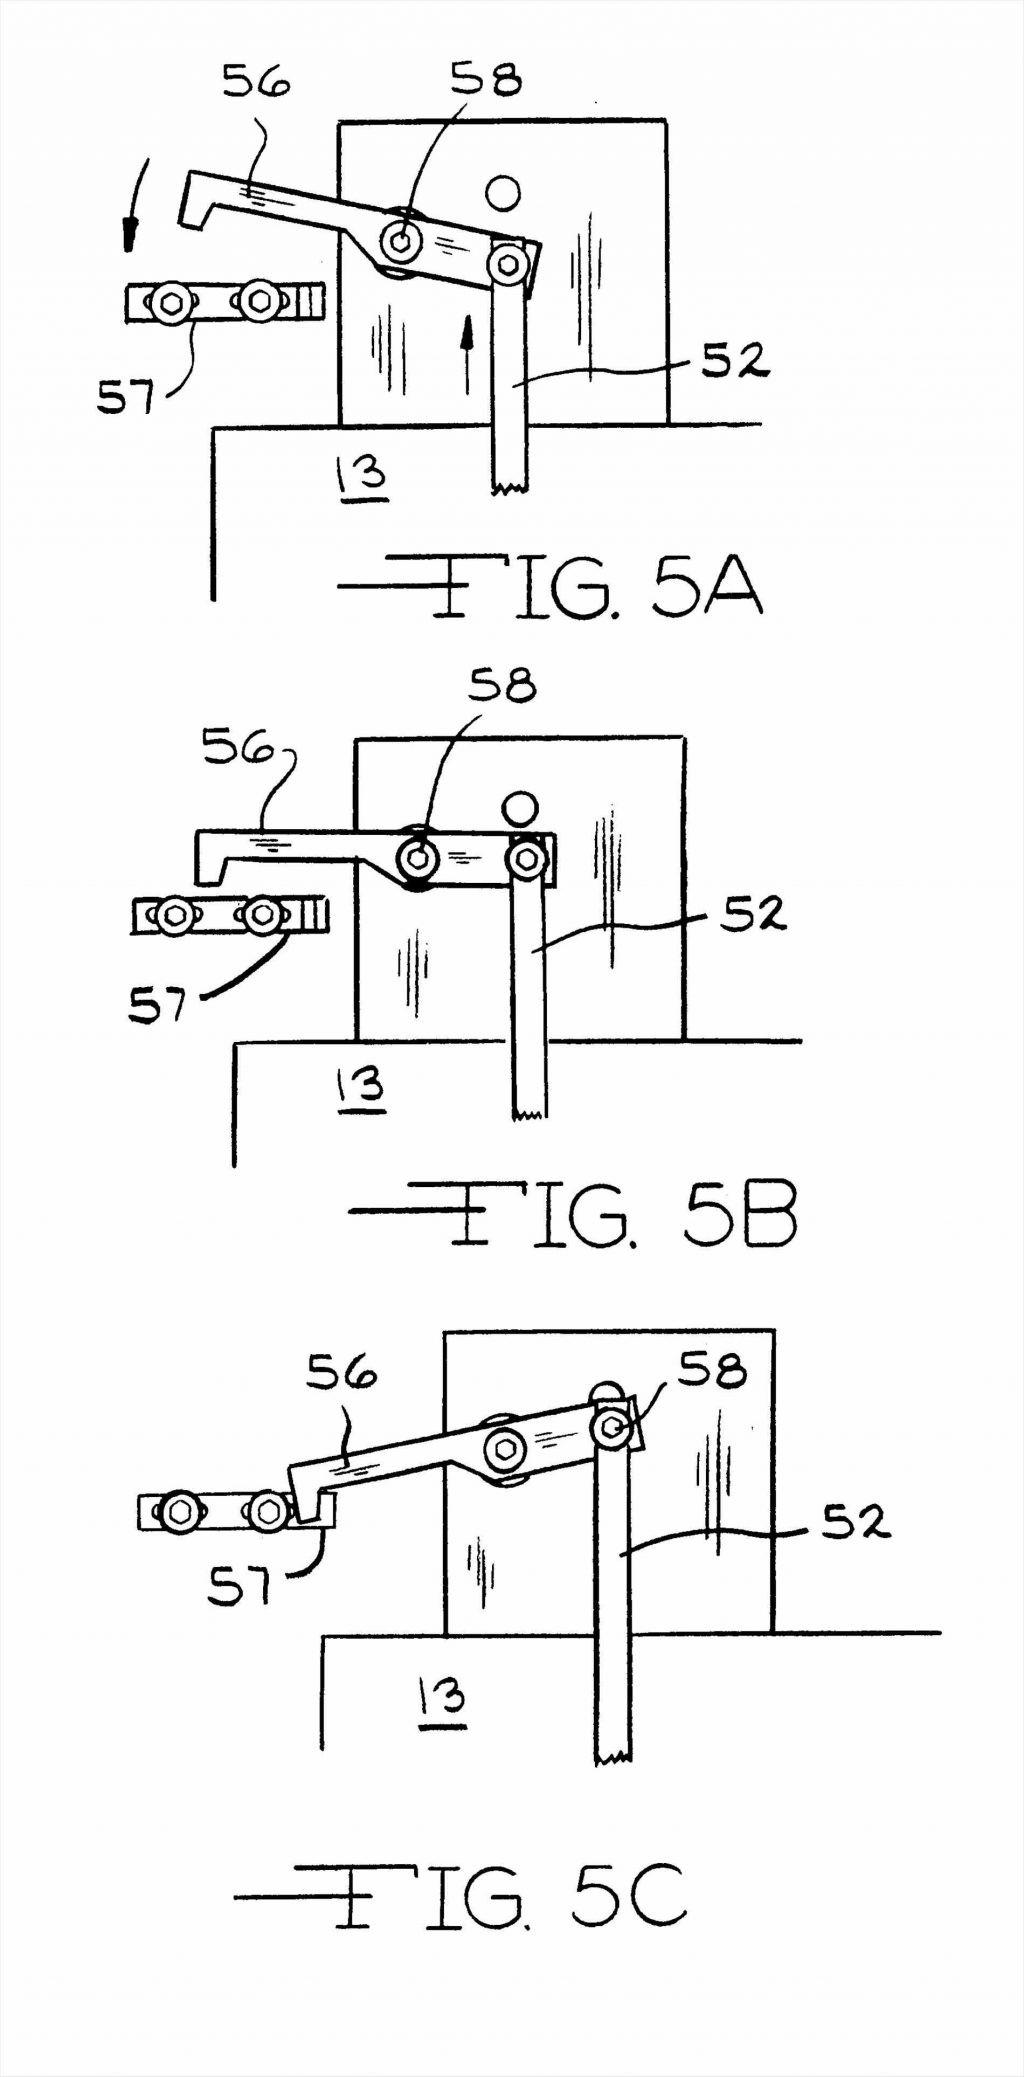 Nett Automobil Diagramm Bilder - Schaltplan Serie Circuit Collection ...